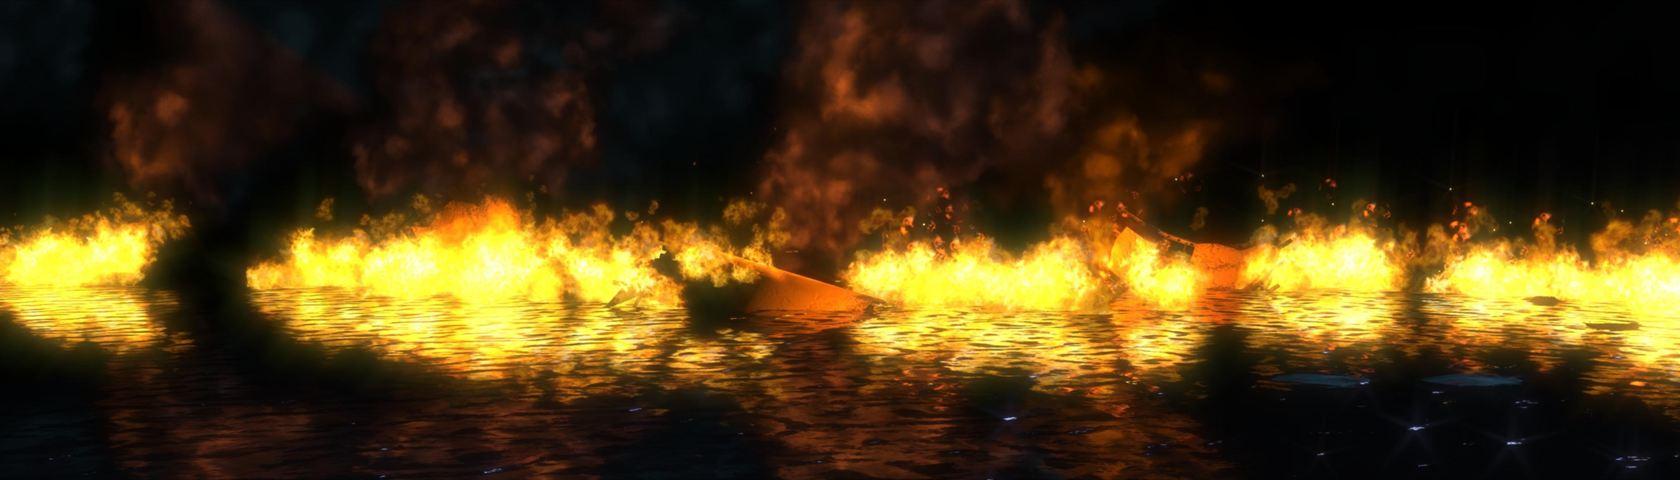 Bioshock: Ocean on Fire